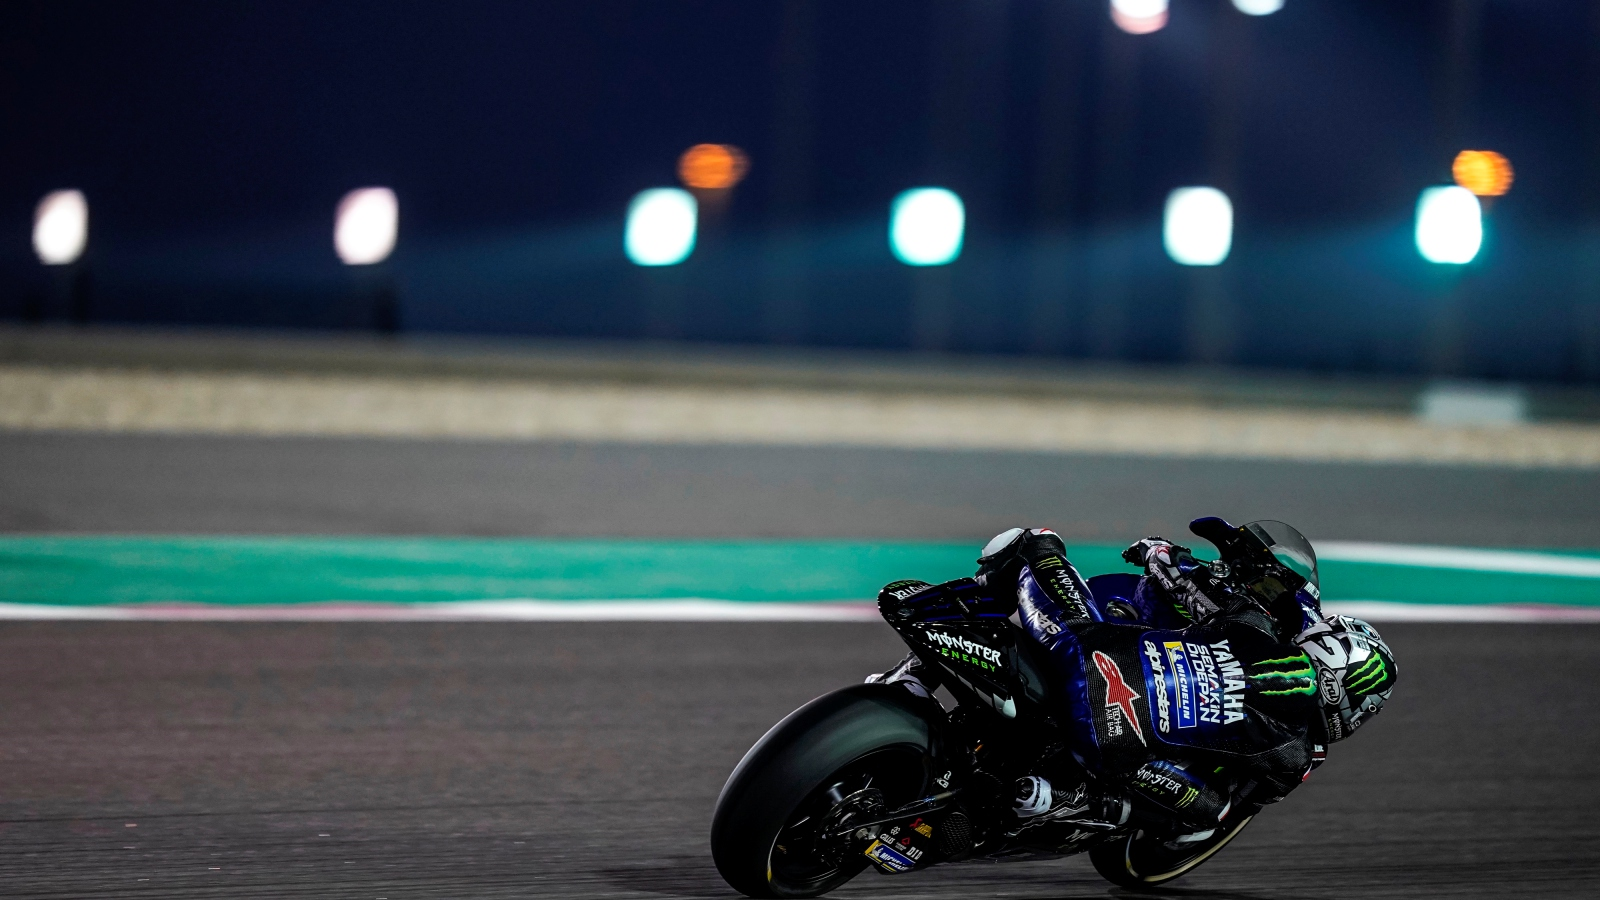 Análisis test Qatar: MotoGP 2019 y la cámara de los Sócrates